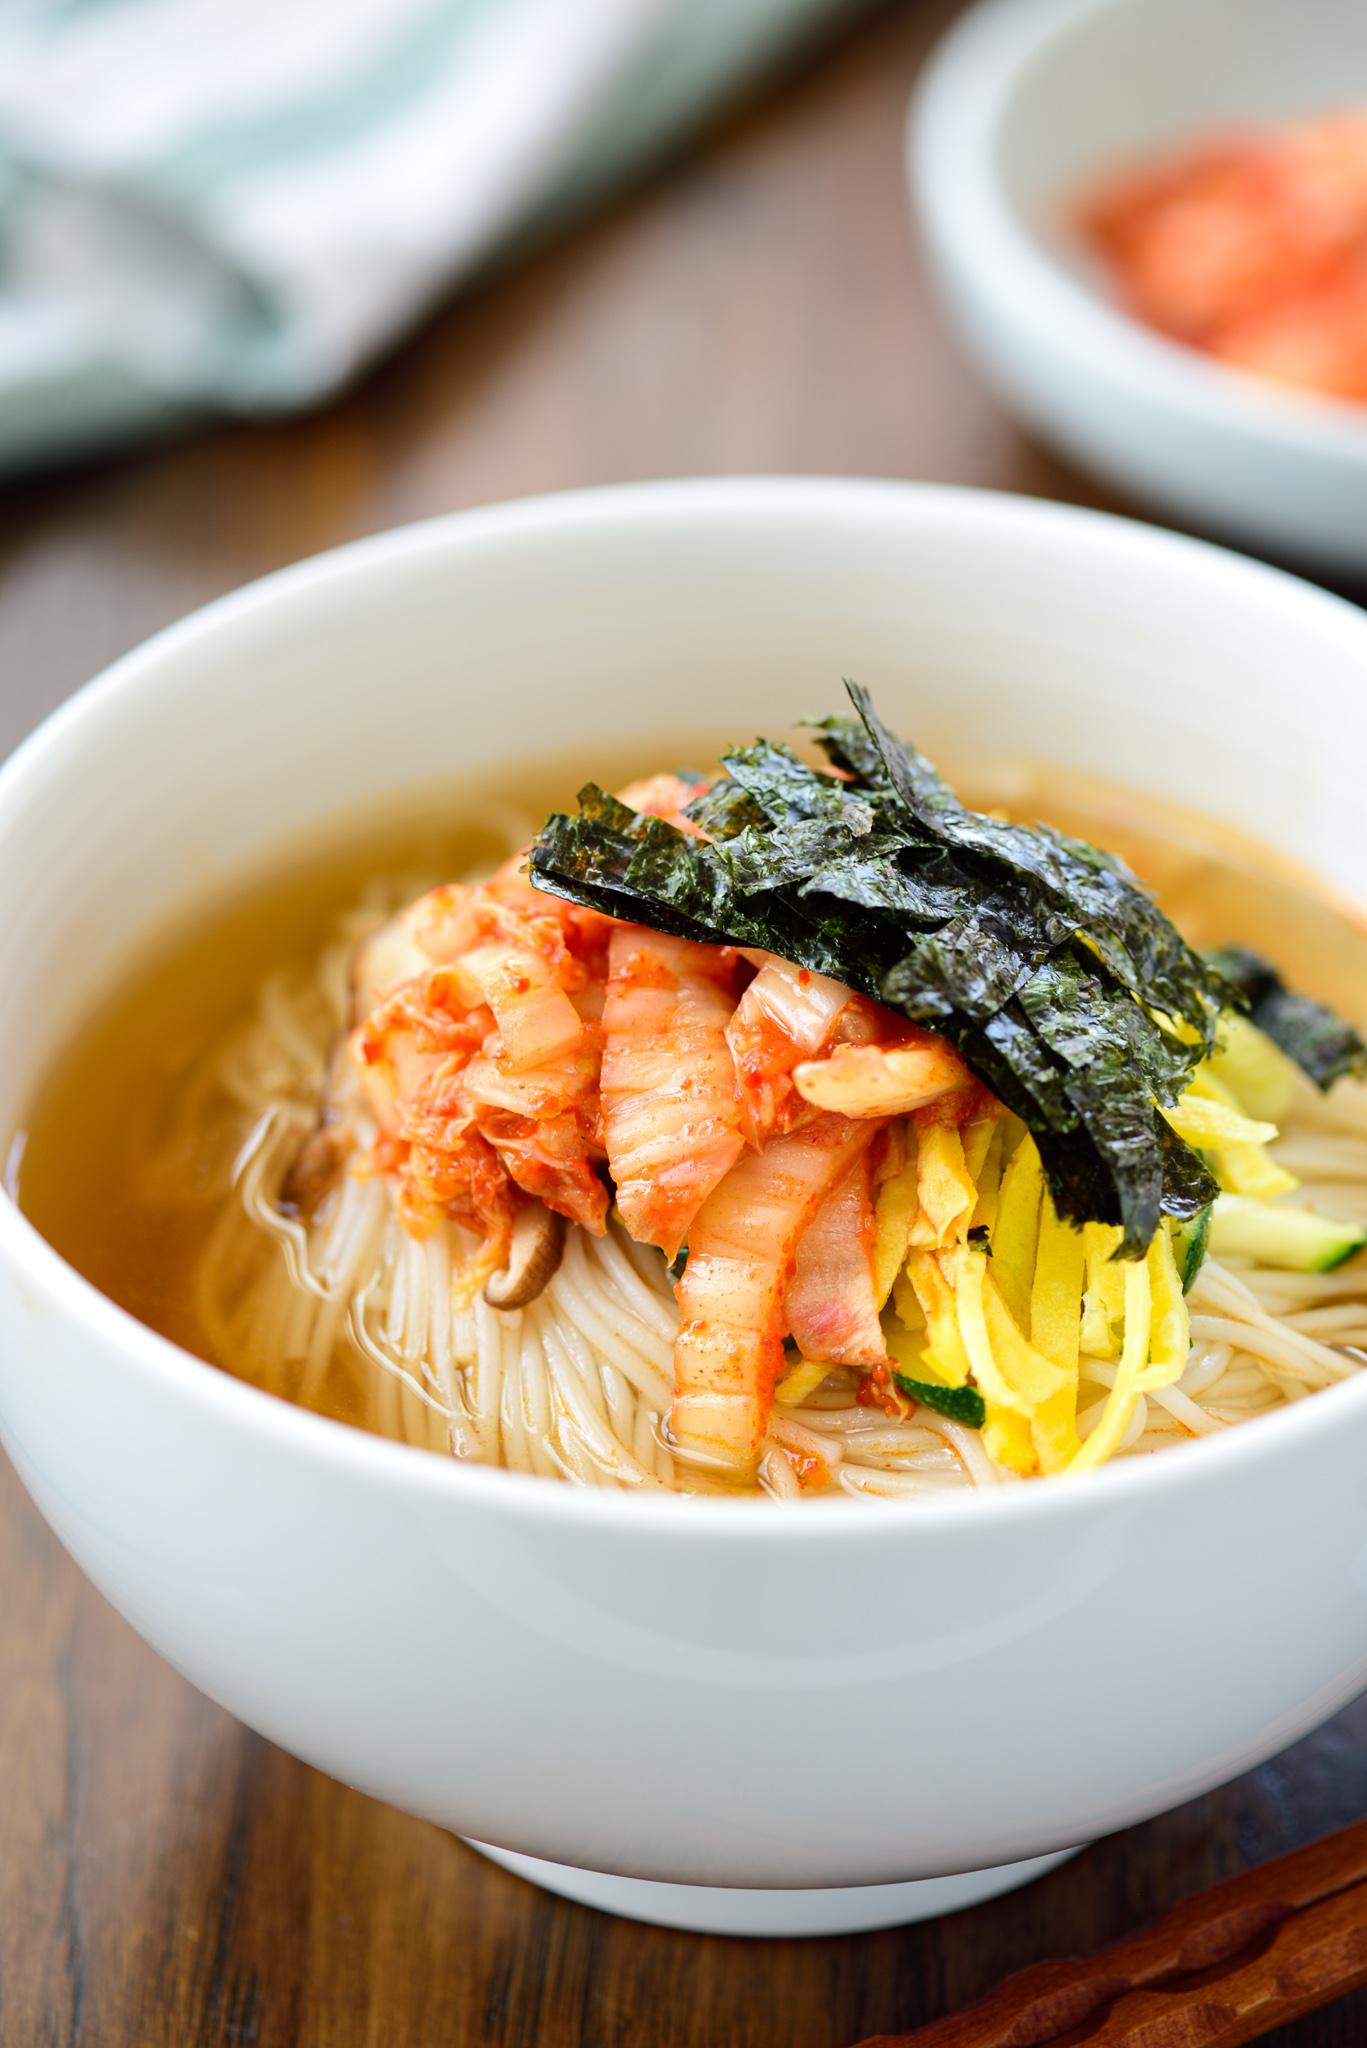 DSC9470 01 2 1 - Janchi Guksu (Warm Noodle Soup)